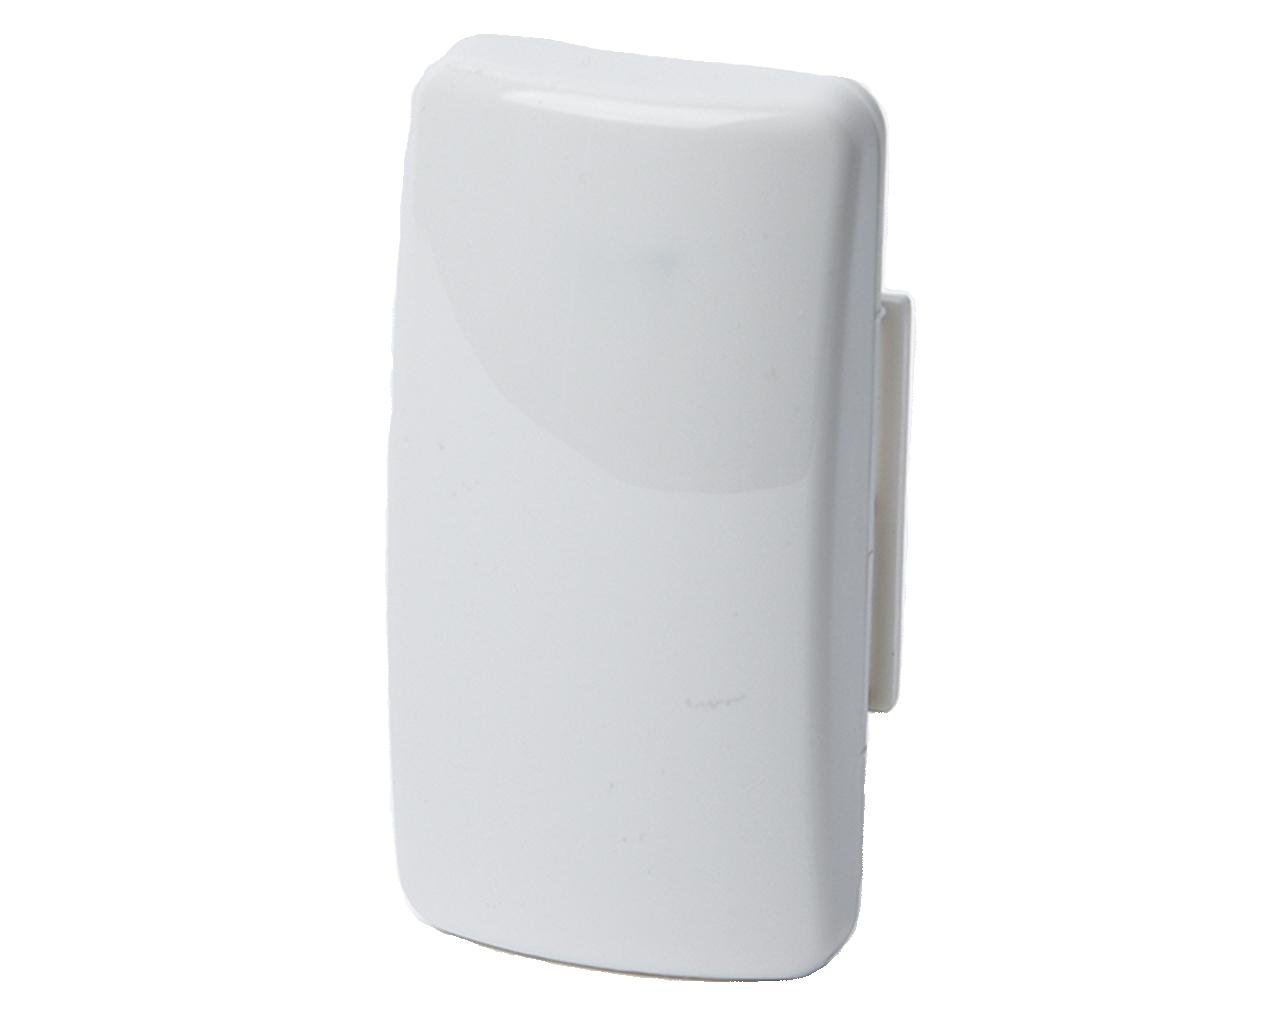 Honeywell 5815 Wireless Door/Window Sensor